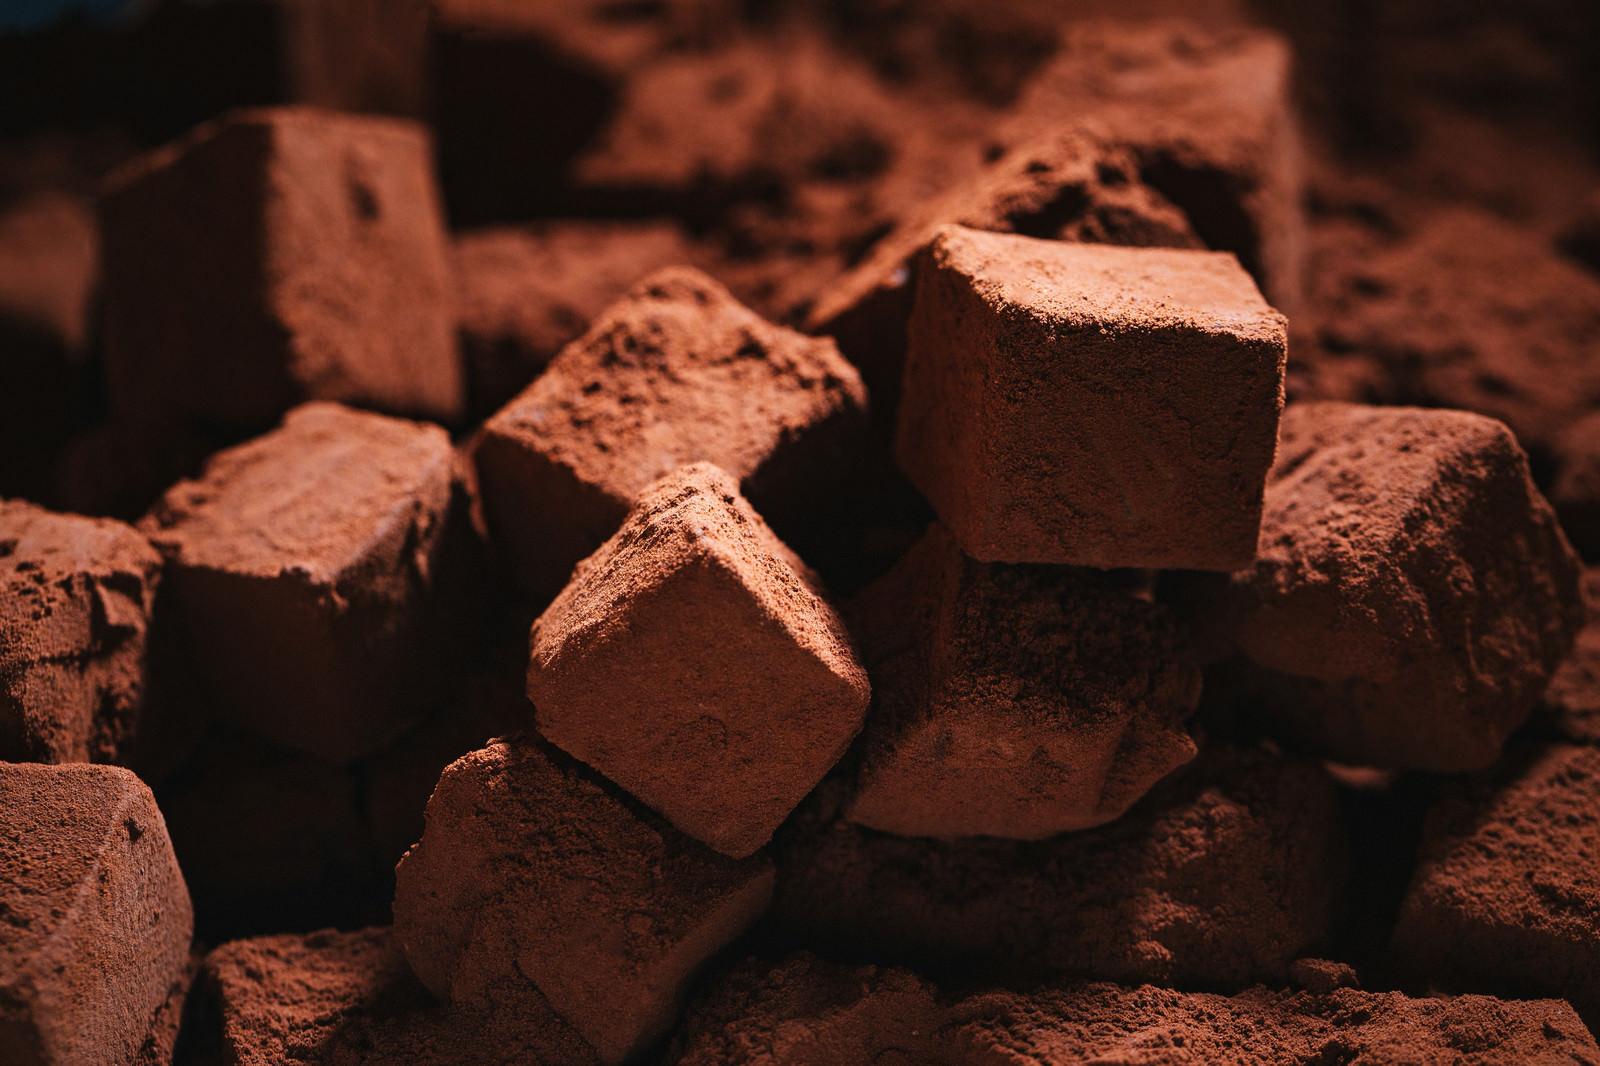 「生チョコのココアパウダー」の写真